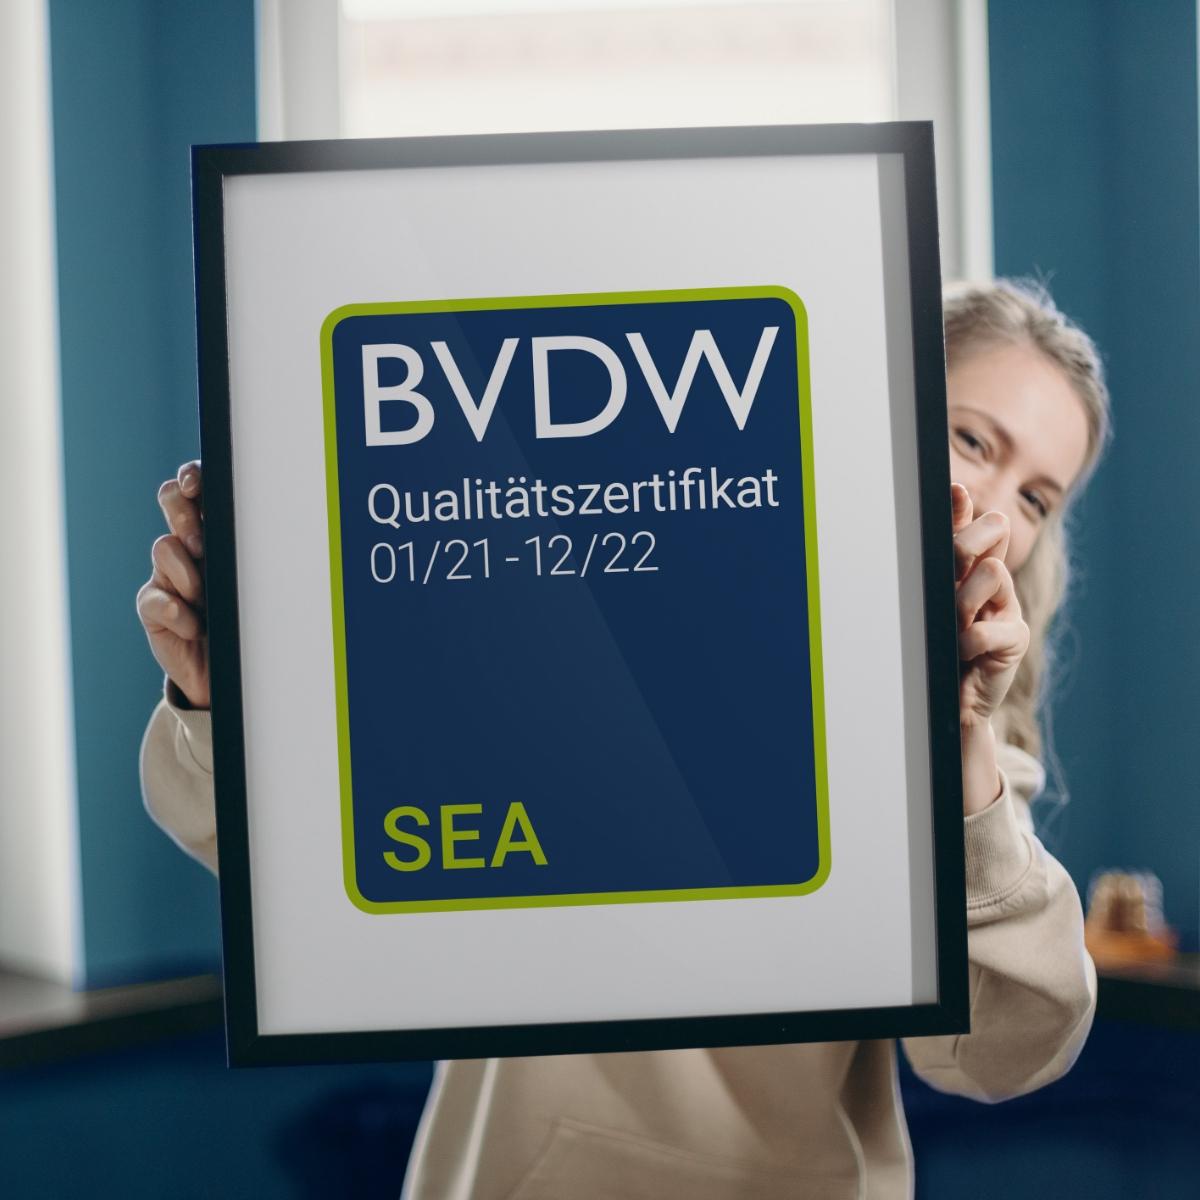 BVDW Qualitätszertifikat SEA